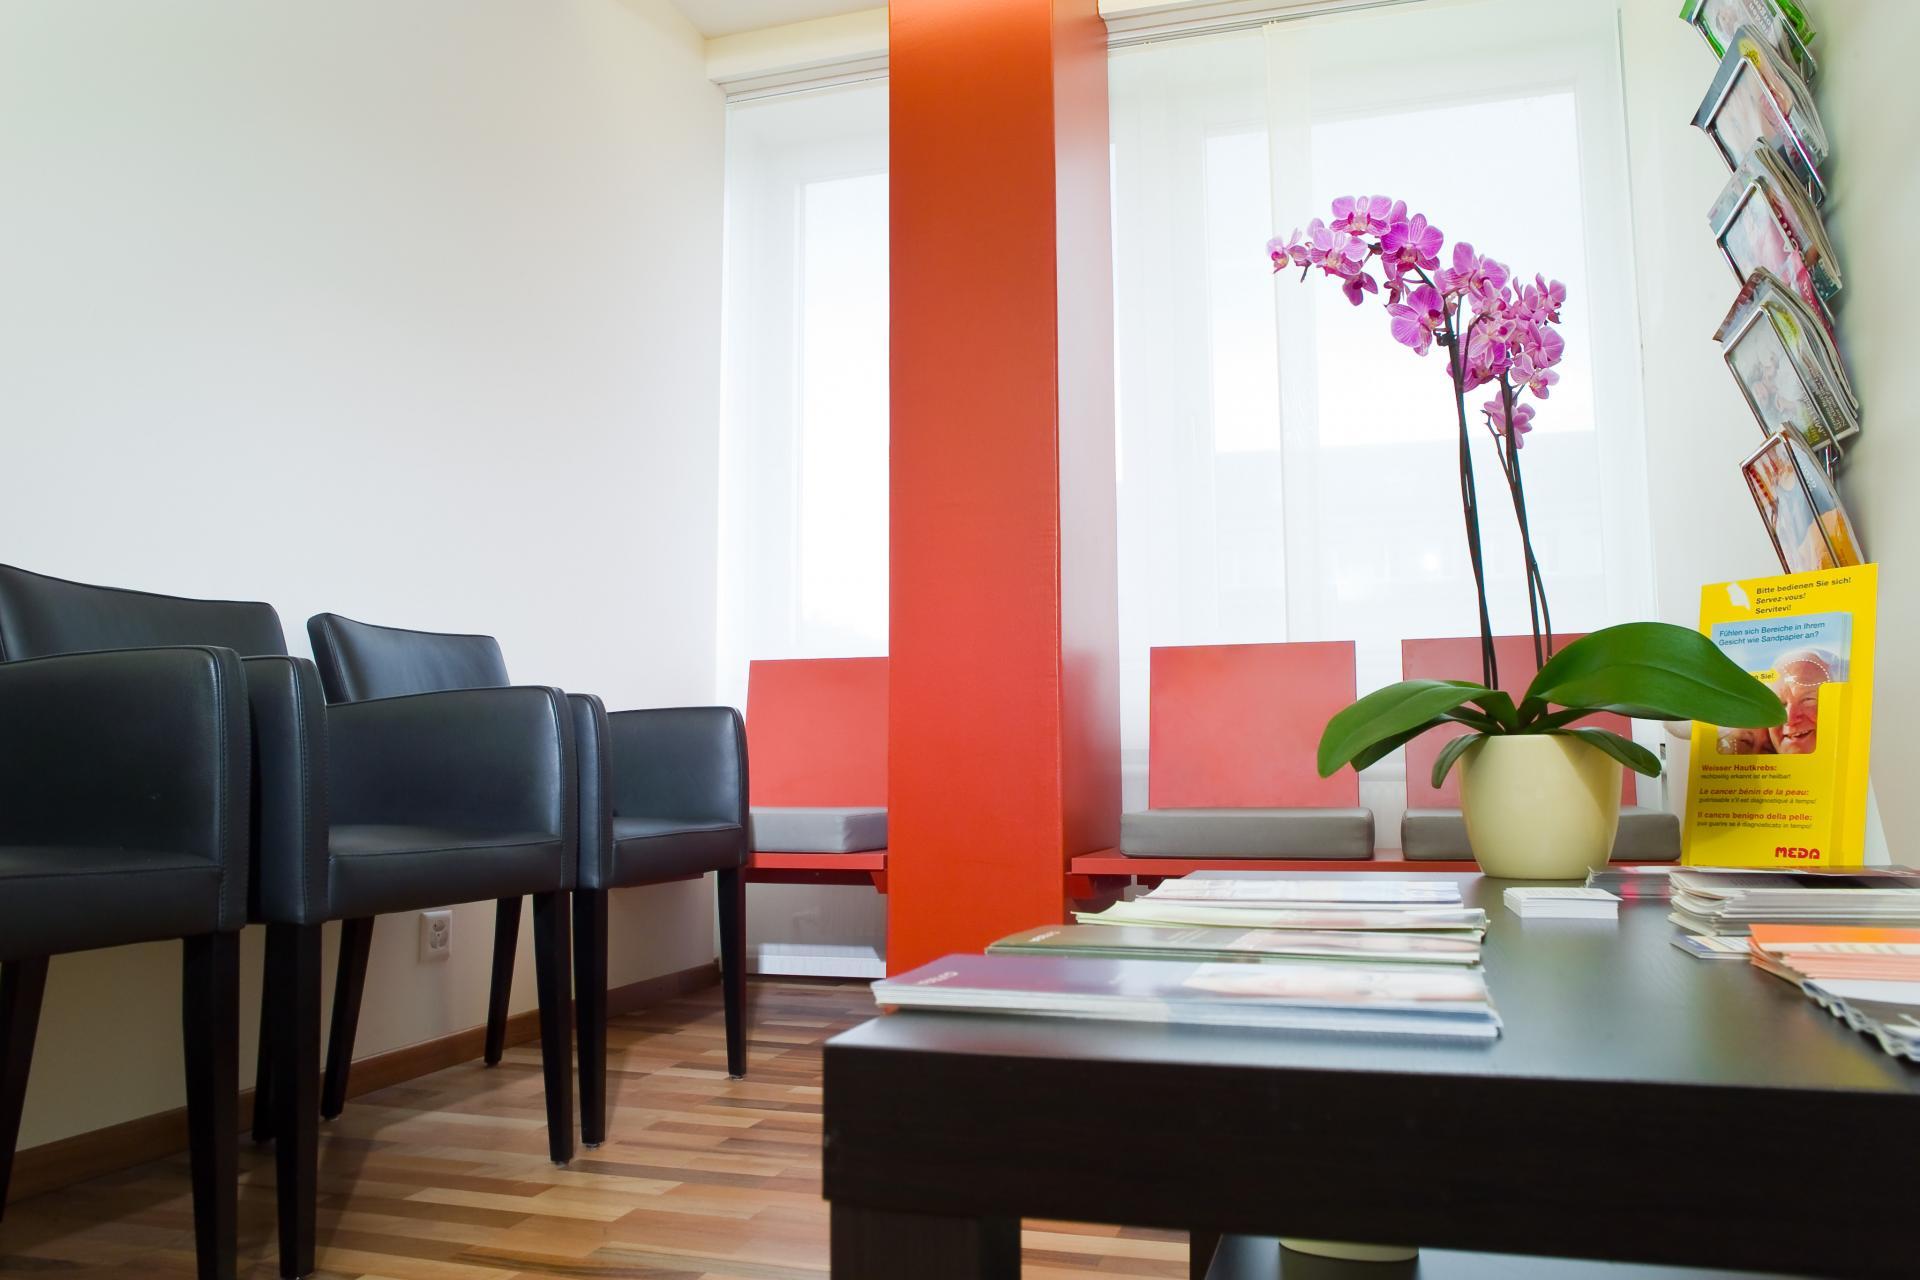 Wartezimmer in orange-schwarz | hautarzt-bubenberg.ch